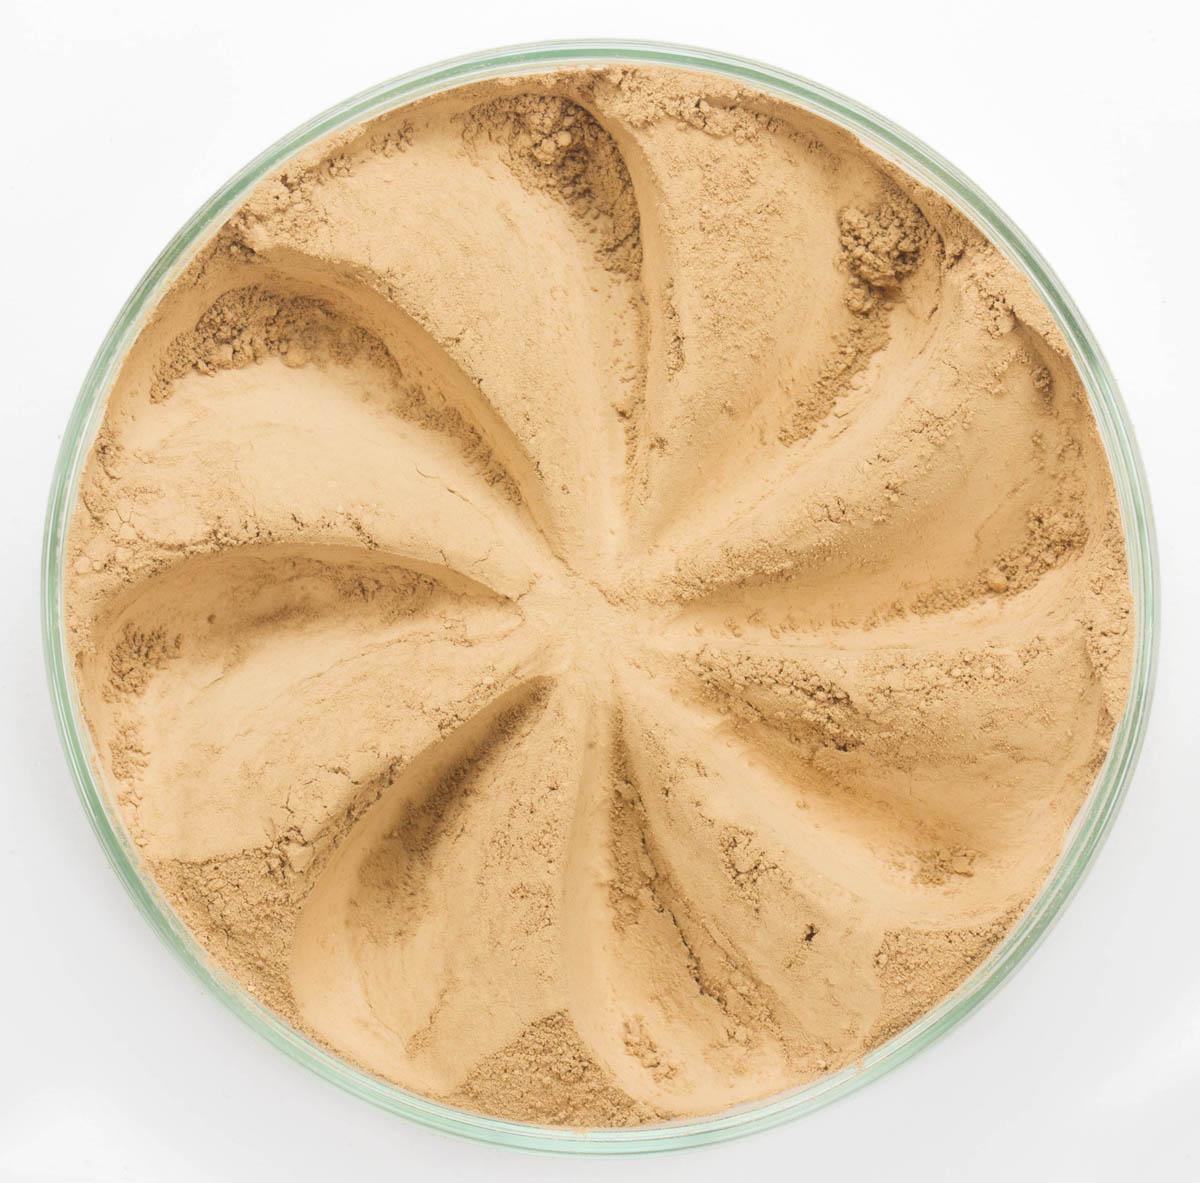 Era Minerals Минеральная Тональная основа Flawless тон 336, 16,5 млFN336Основа Flawless предназначена для нормальной и склонной к жирности кожи. Обеспечивает умеренное покрытие с матирующим эффектом. Без отдушек и масел, для всех типов кожи Водостойкое, долгосрочное покрытие Широкий спектр фильтров UVB/UVA, протестированных при SPF 30+ Некомедогенно, не блокирует поры Дерматологически протестировано, не аллергенно Антибактериальные ингредиенты, помогает успокоить раздраженную кожу Состоит из неактивных минералов, не способствует развитию бактерий Не тестировано на животных Вес нетто 7г (стандартный размер)